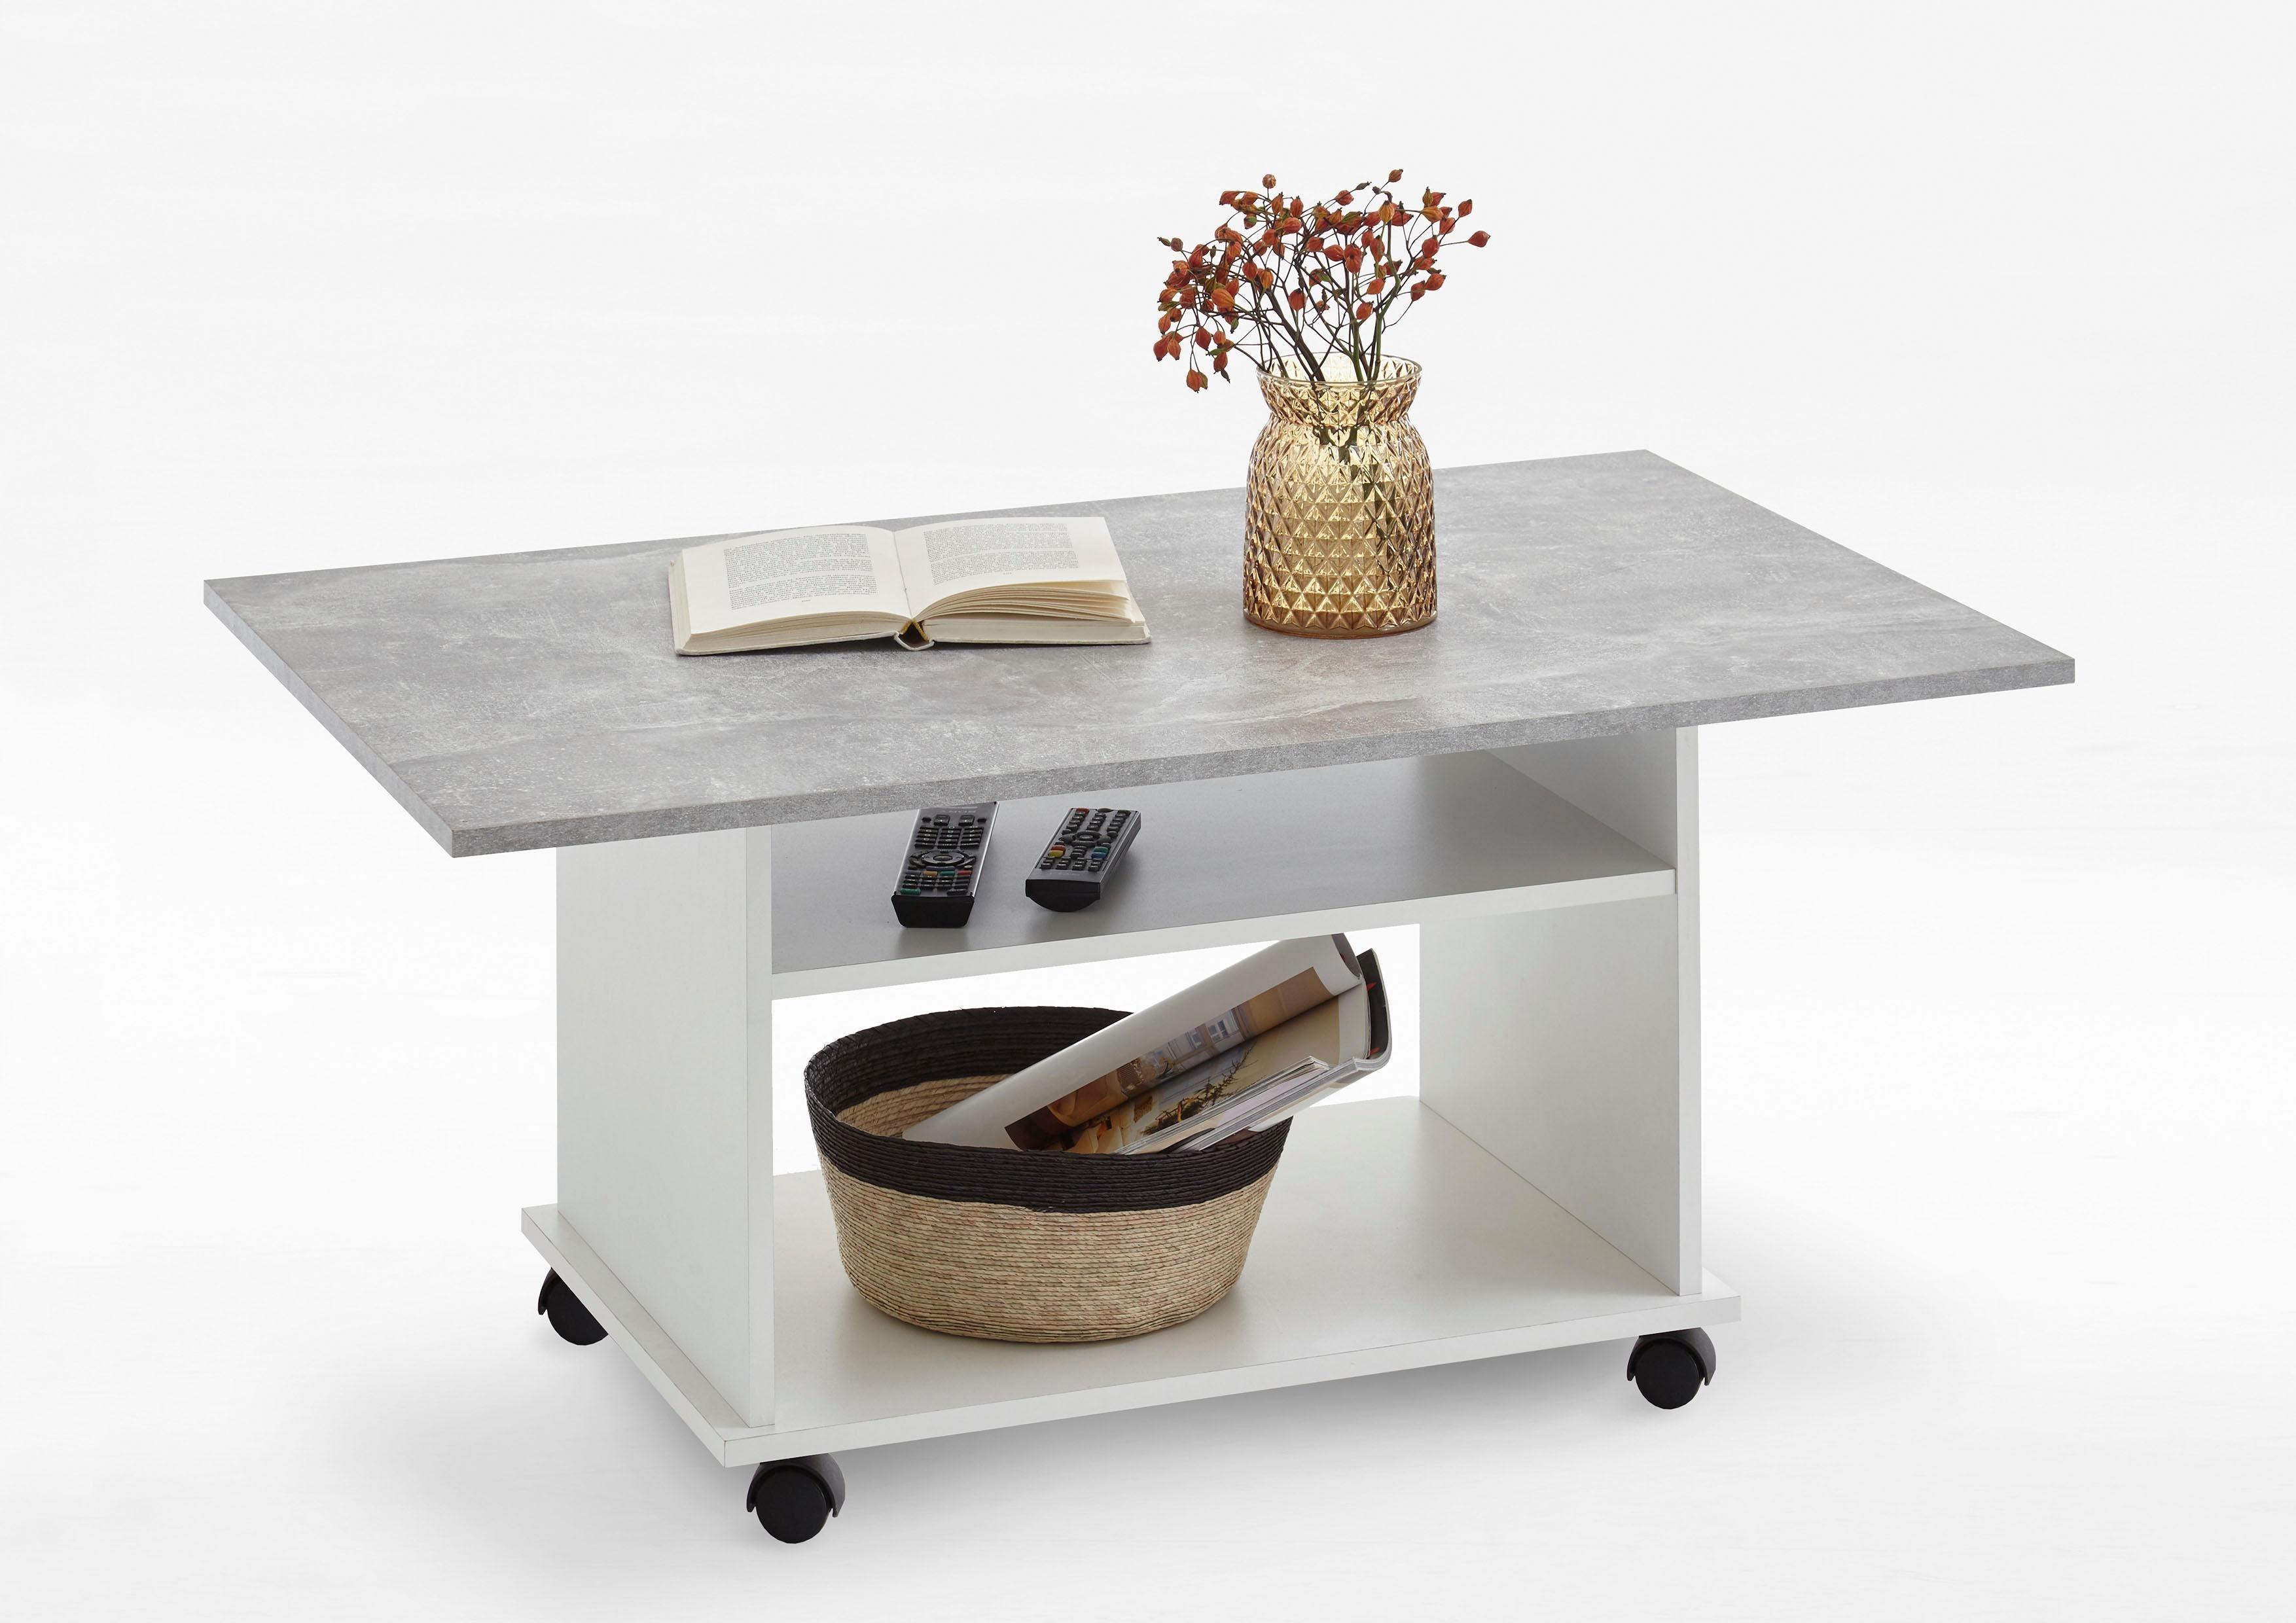 couchtisch mit rollen preisvergleich die besten angebote. Black Bedroom Furniture Sets. Home Design Ideas